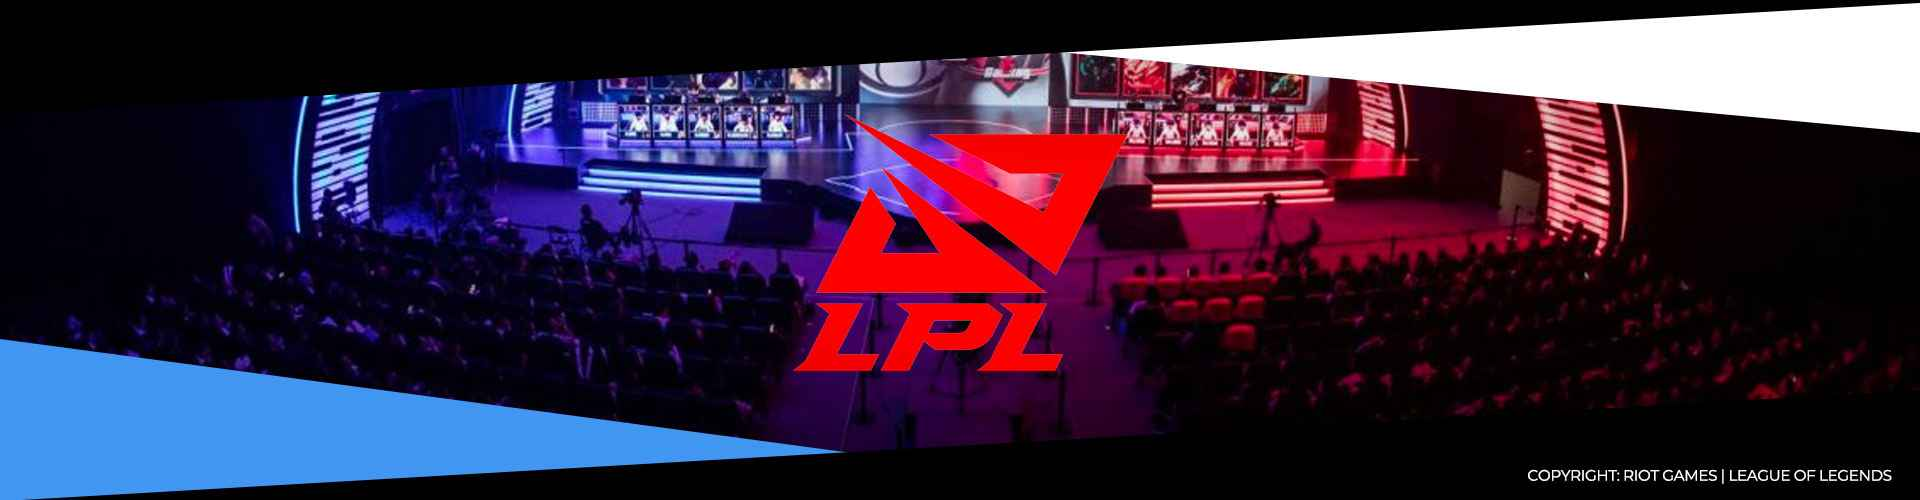 Eventsida för sommarsäsongen av LPL, den kinesiska LoL-ligan.